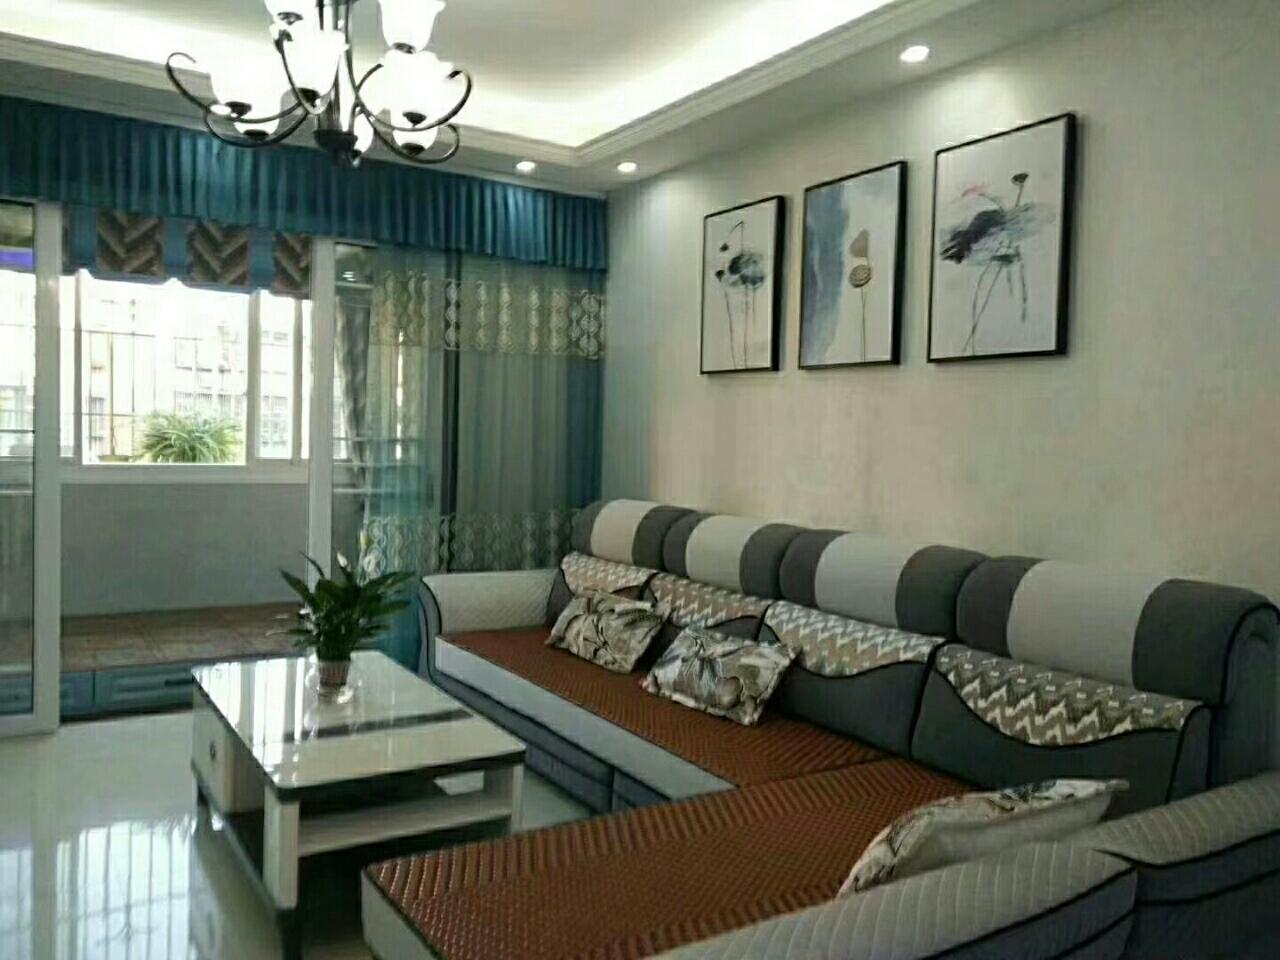 云枫苑,精装房出售3室 2厅 1卫62万元